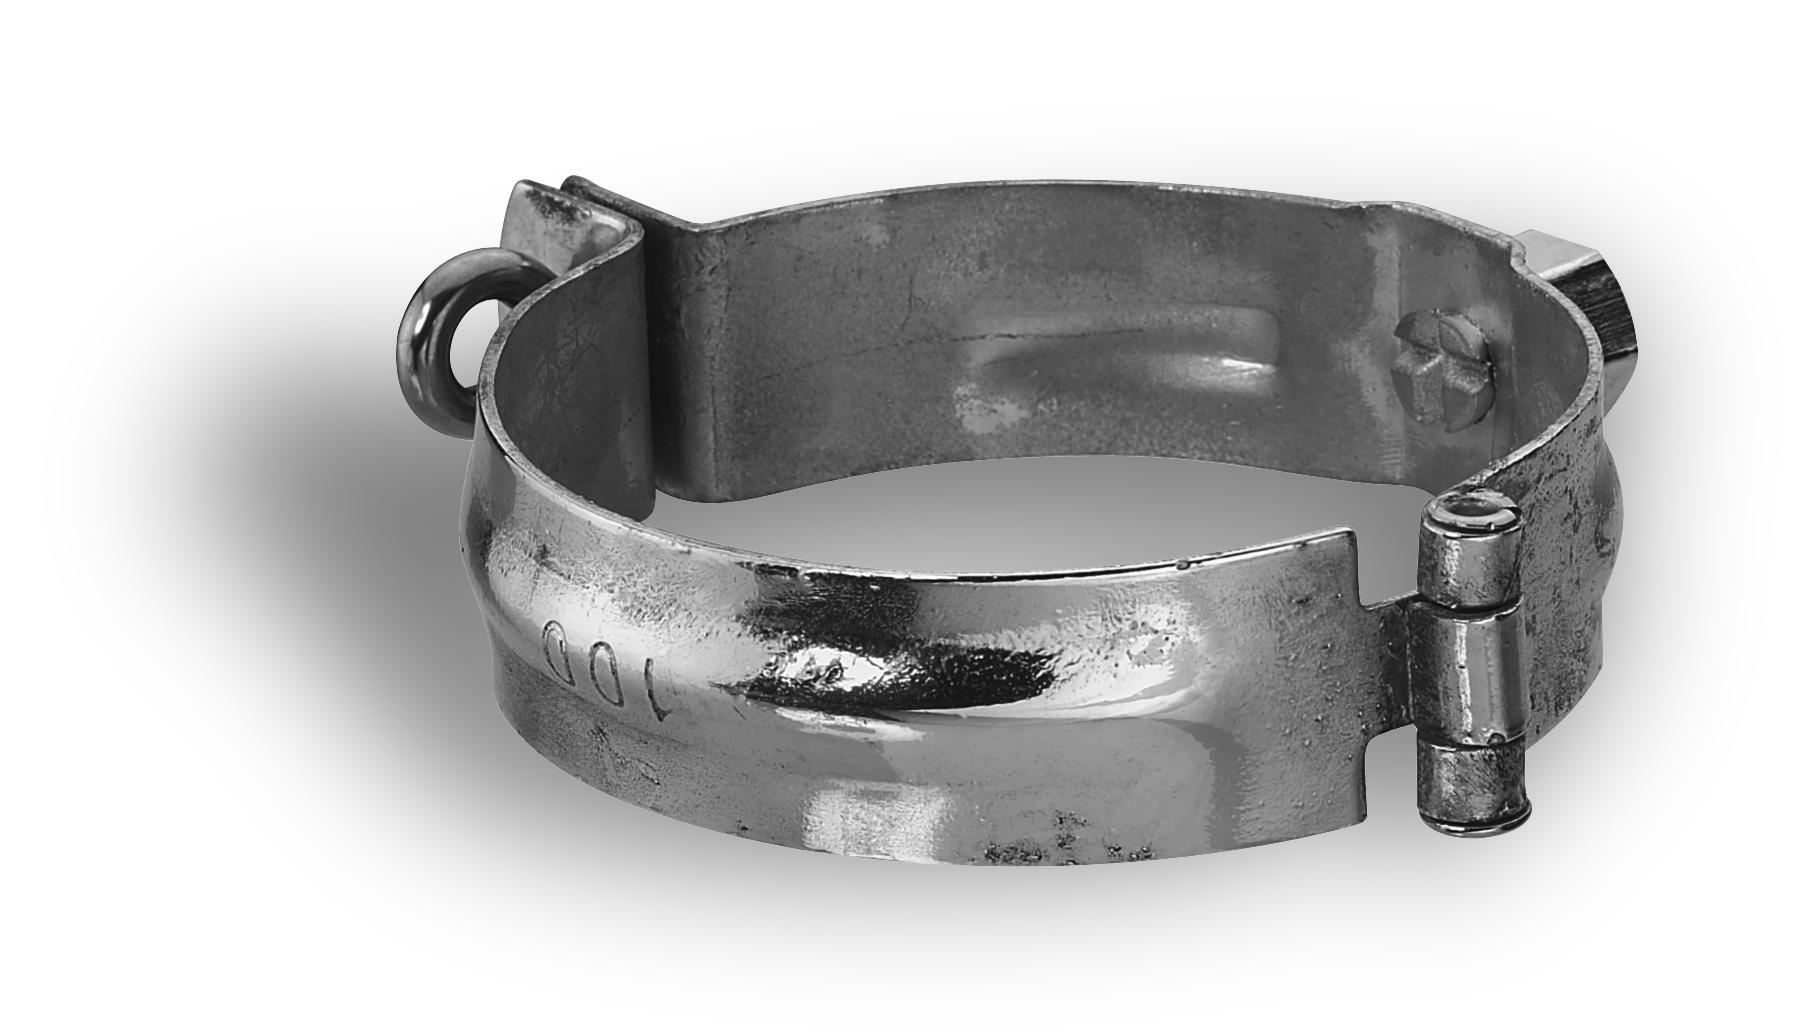 Jgheaburi, burlane si accesorii pentru evacuare ape ZAMBELLI - Poza 31